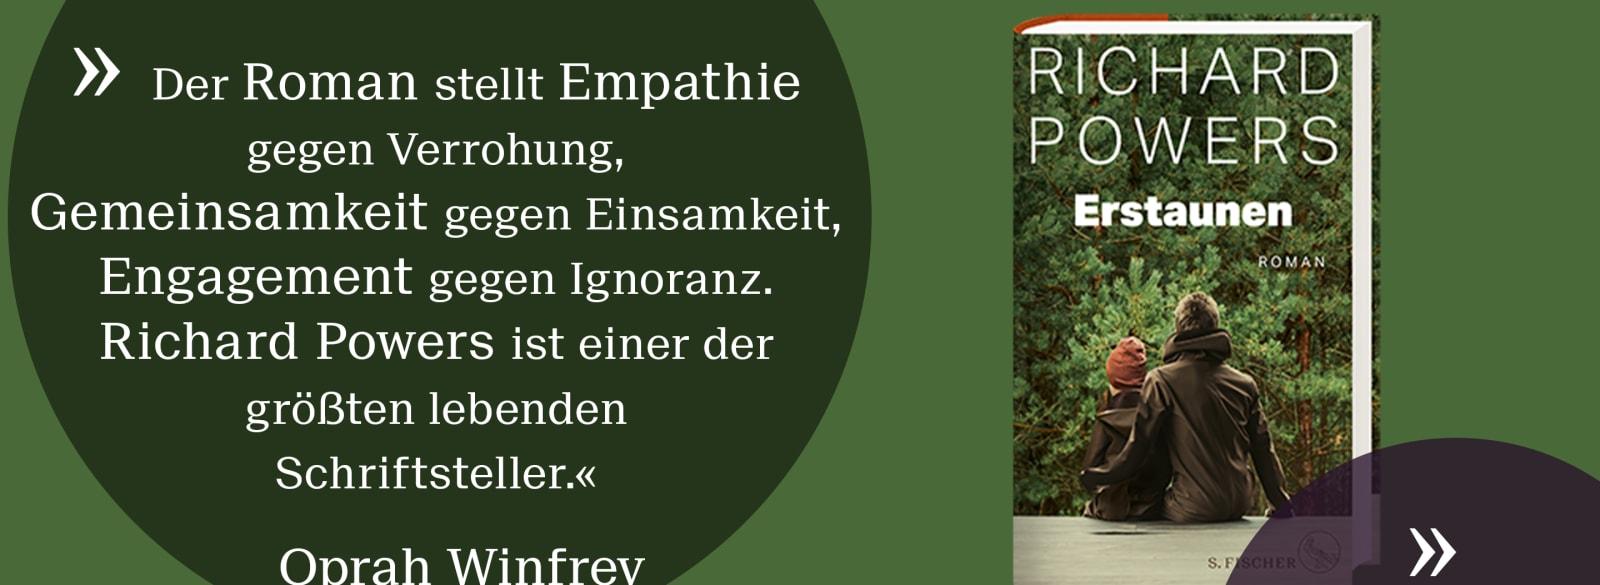 Erstaunen, der neue Roman von Richard Powers. Quote von Oprah Winfrey